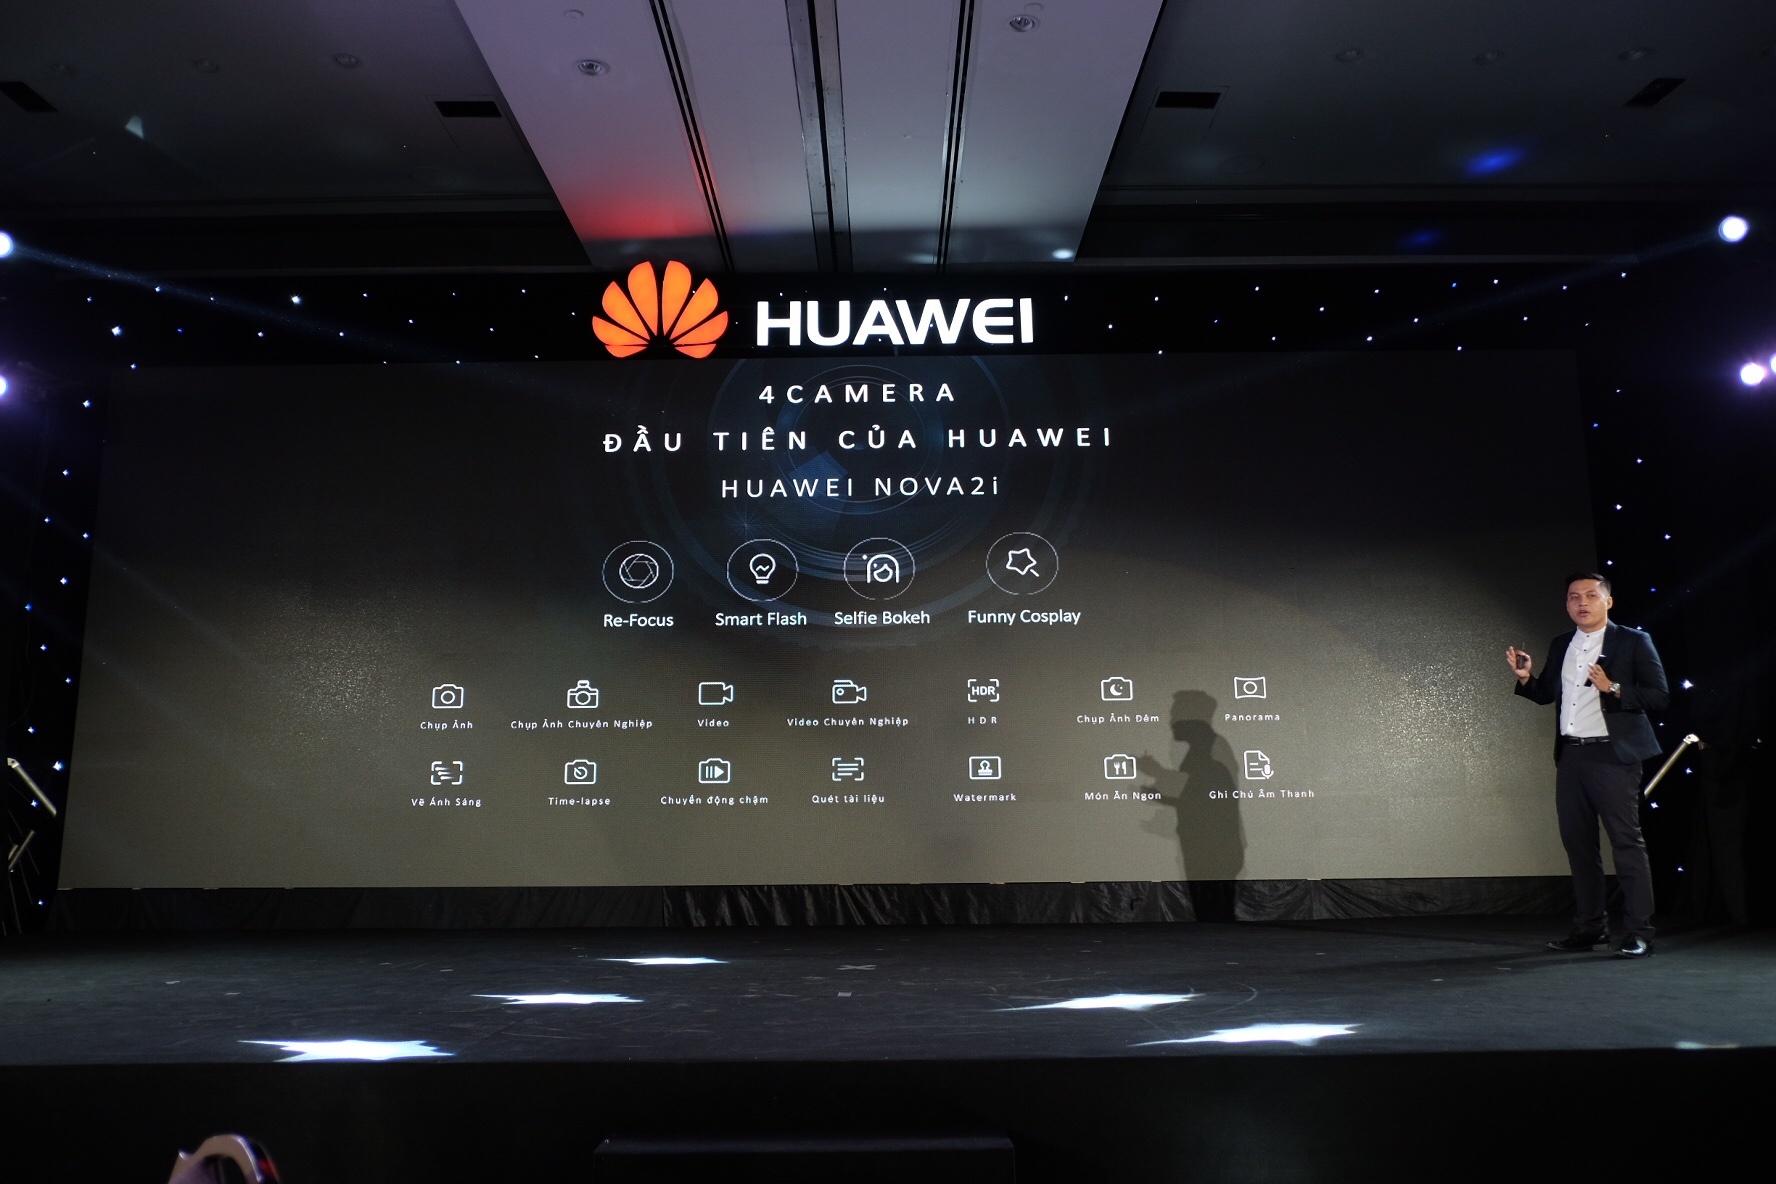 Huawei ra mat smartphona Nova 2i anh 6